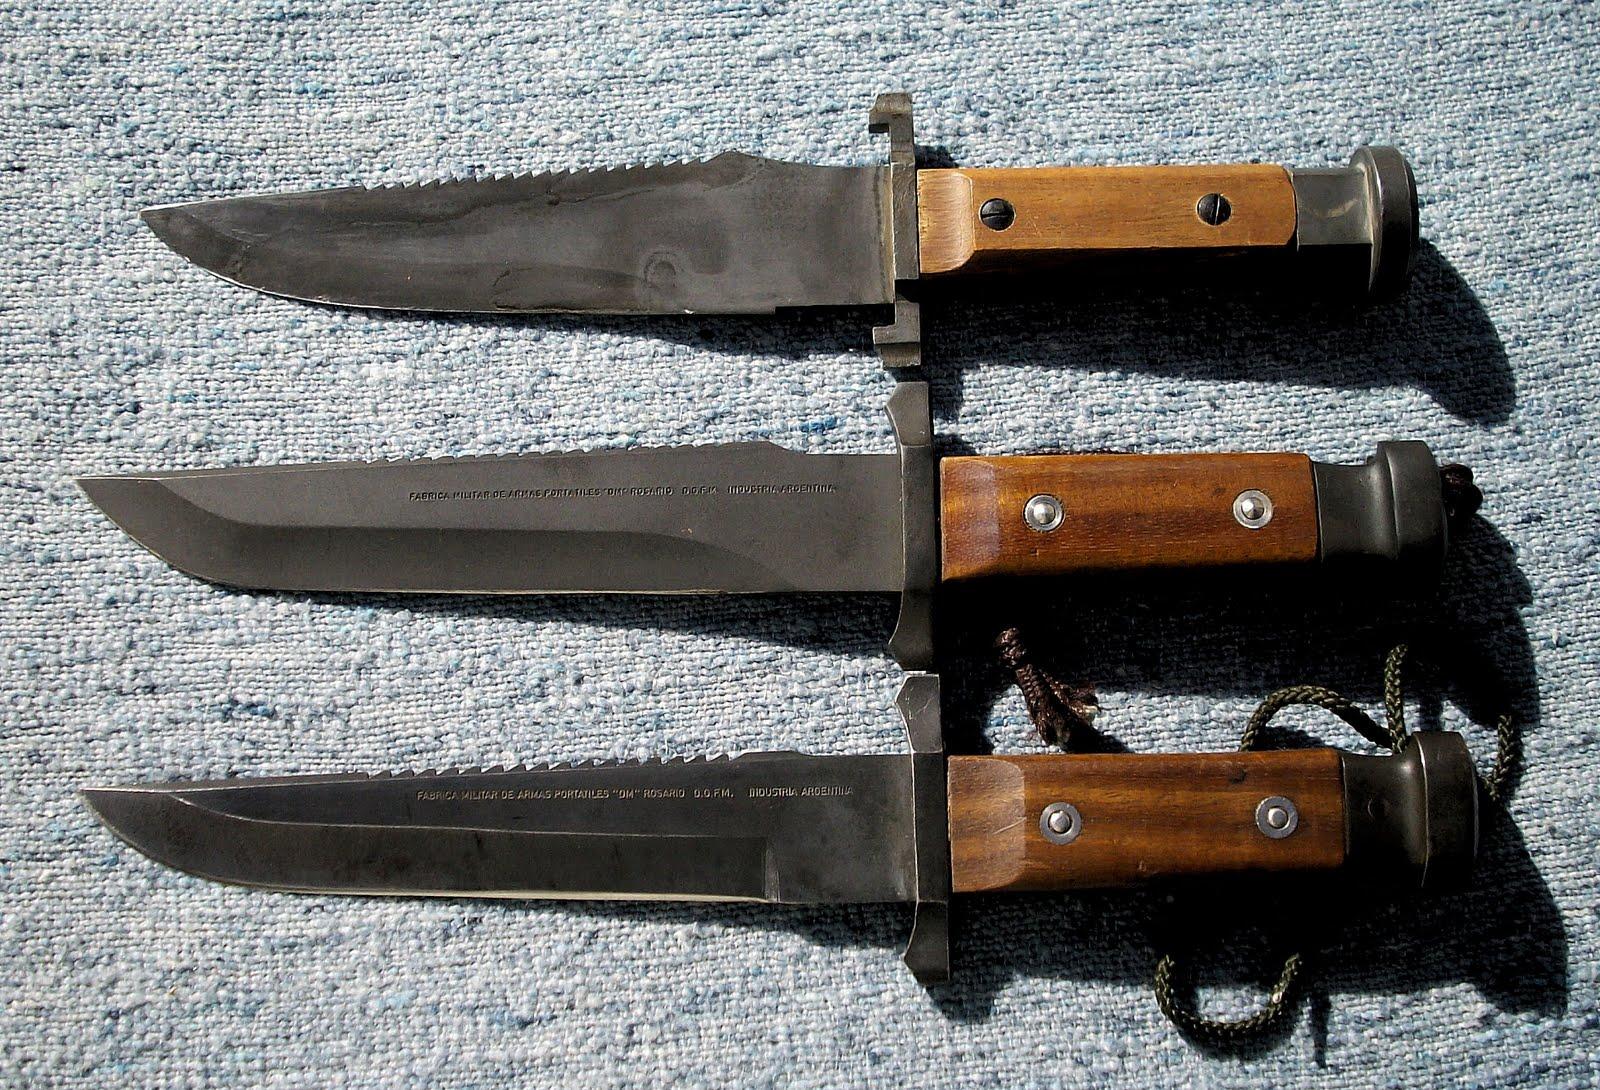 Antiguos cuchillos de combate argentinos 2 taringa for Coleccion cuchillos el mundo